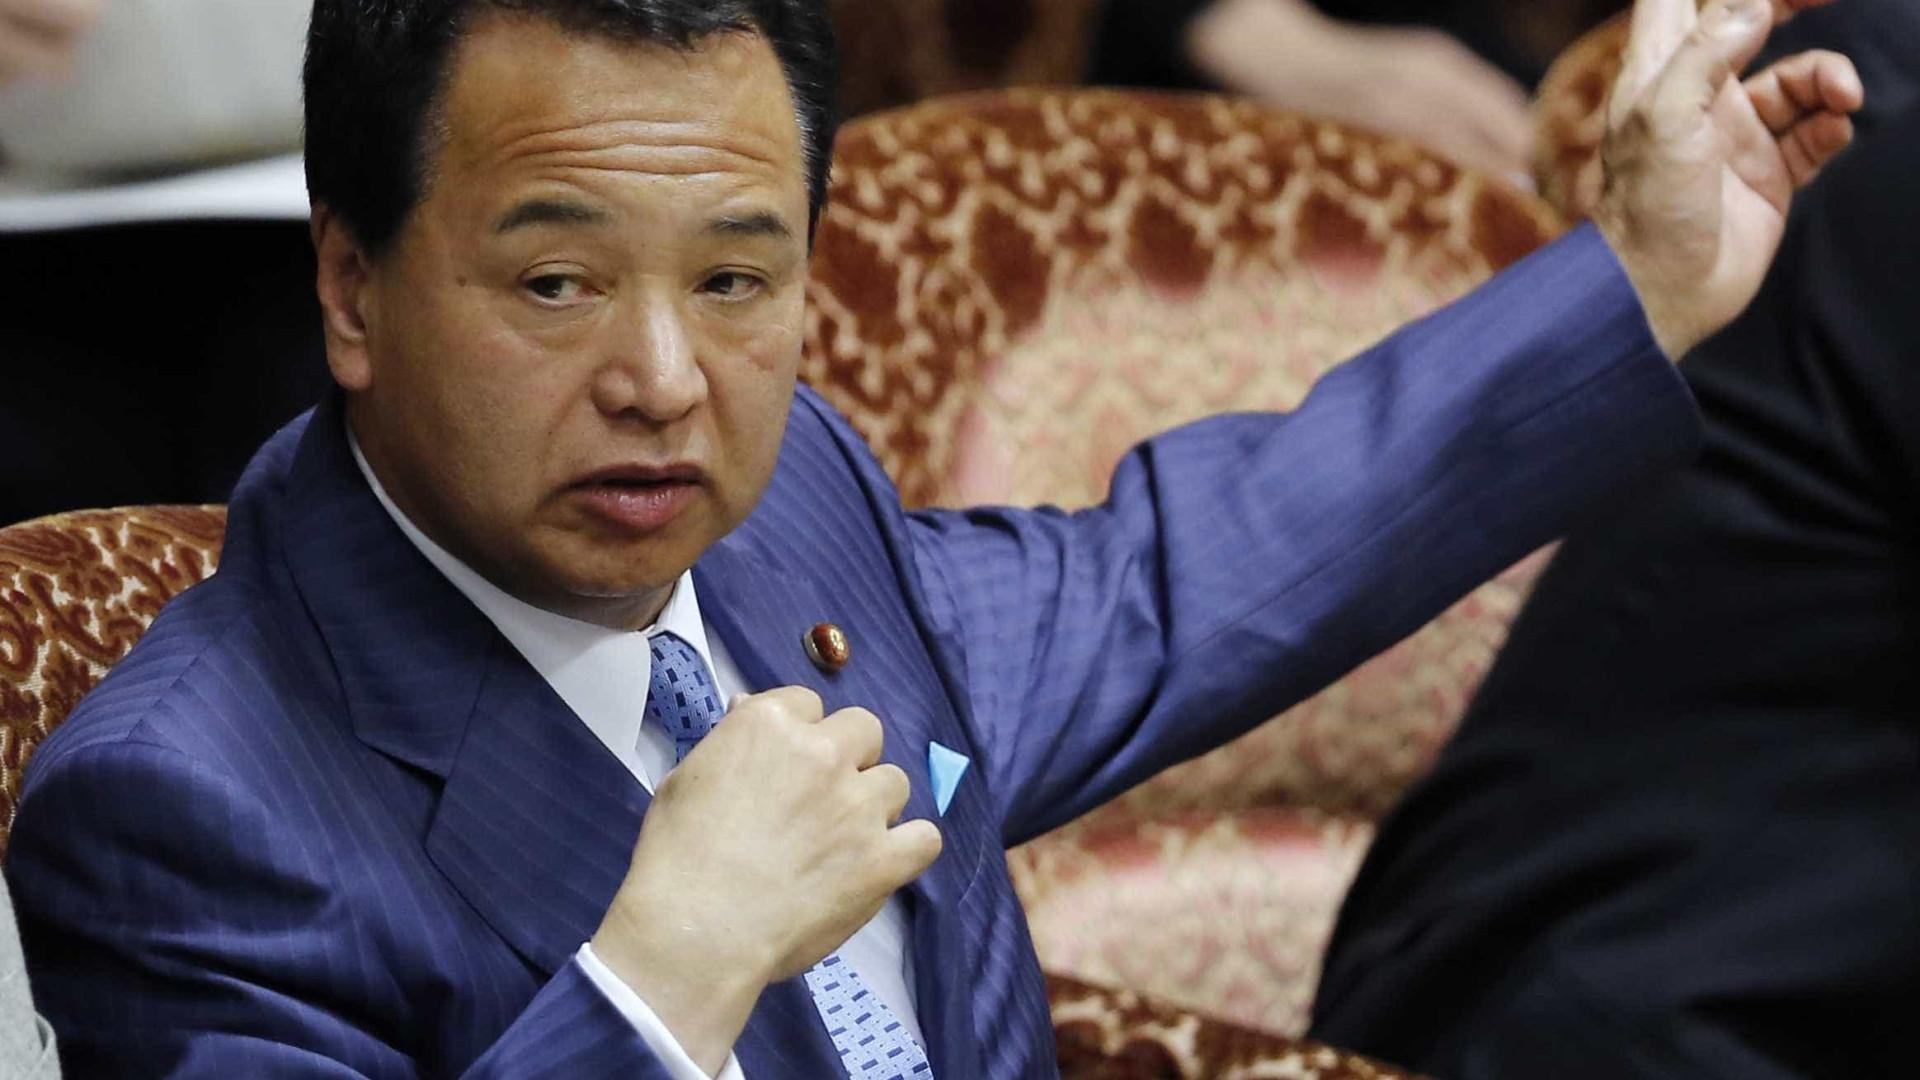 Ministro de Economia do Japão renuncia diante de escândalo de corrupção